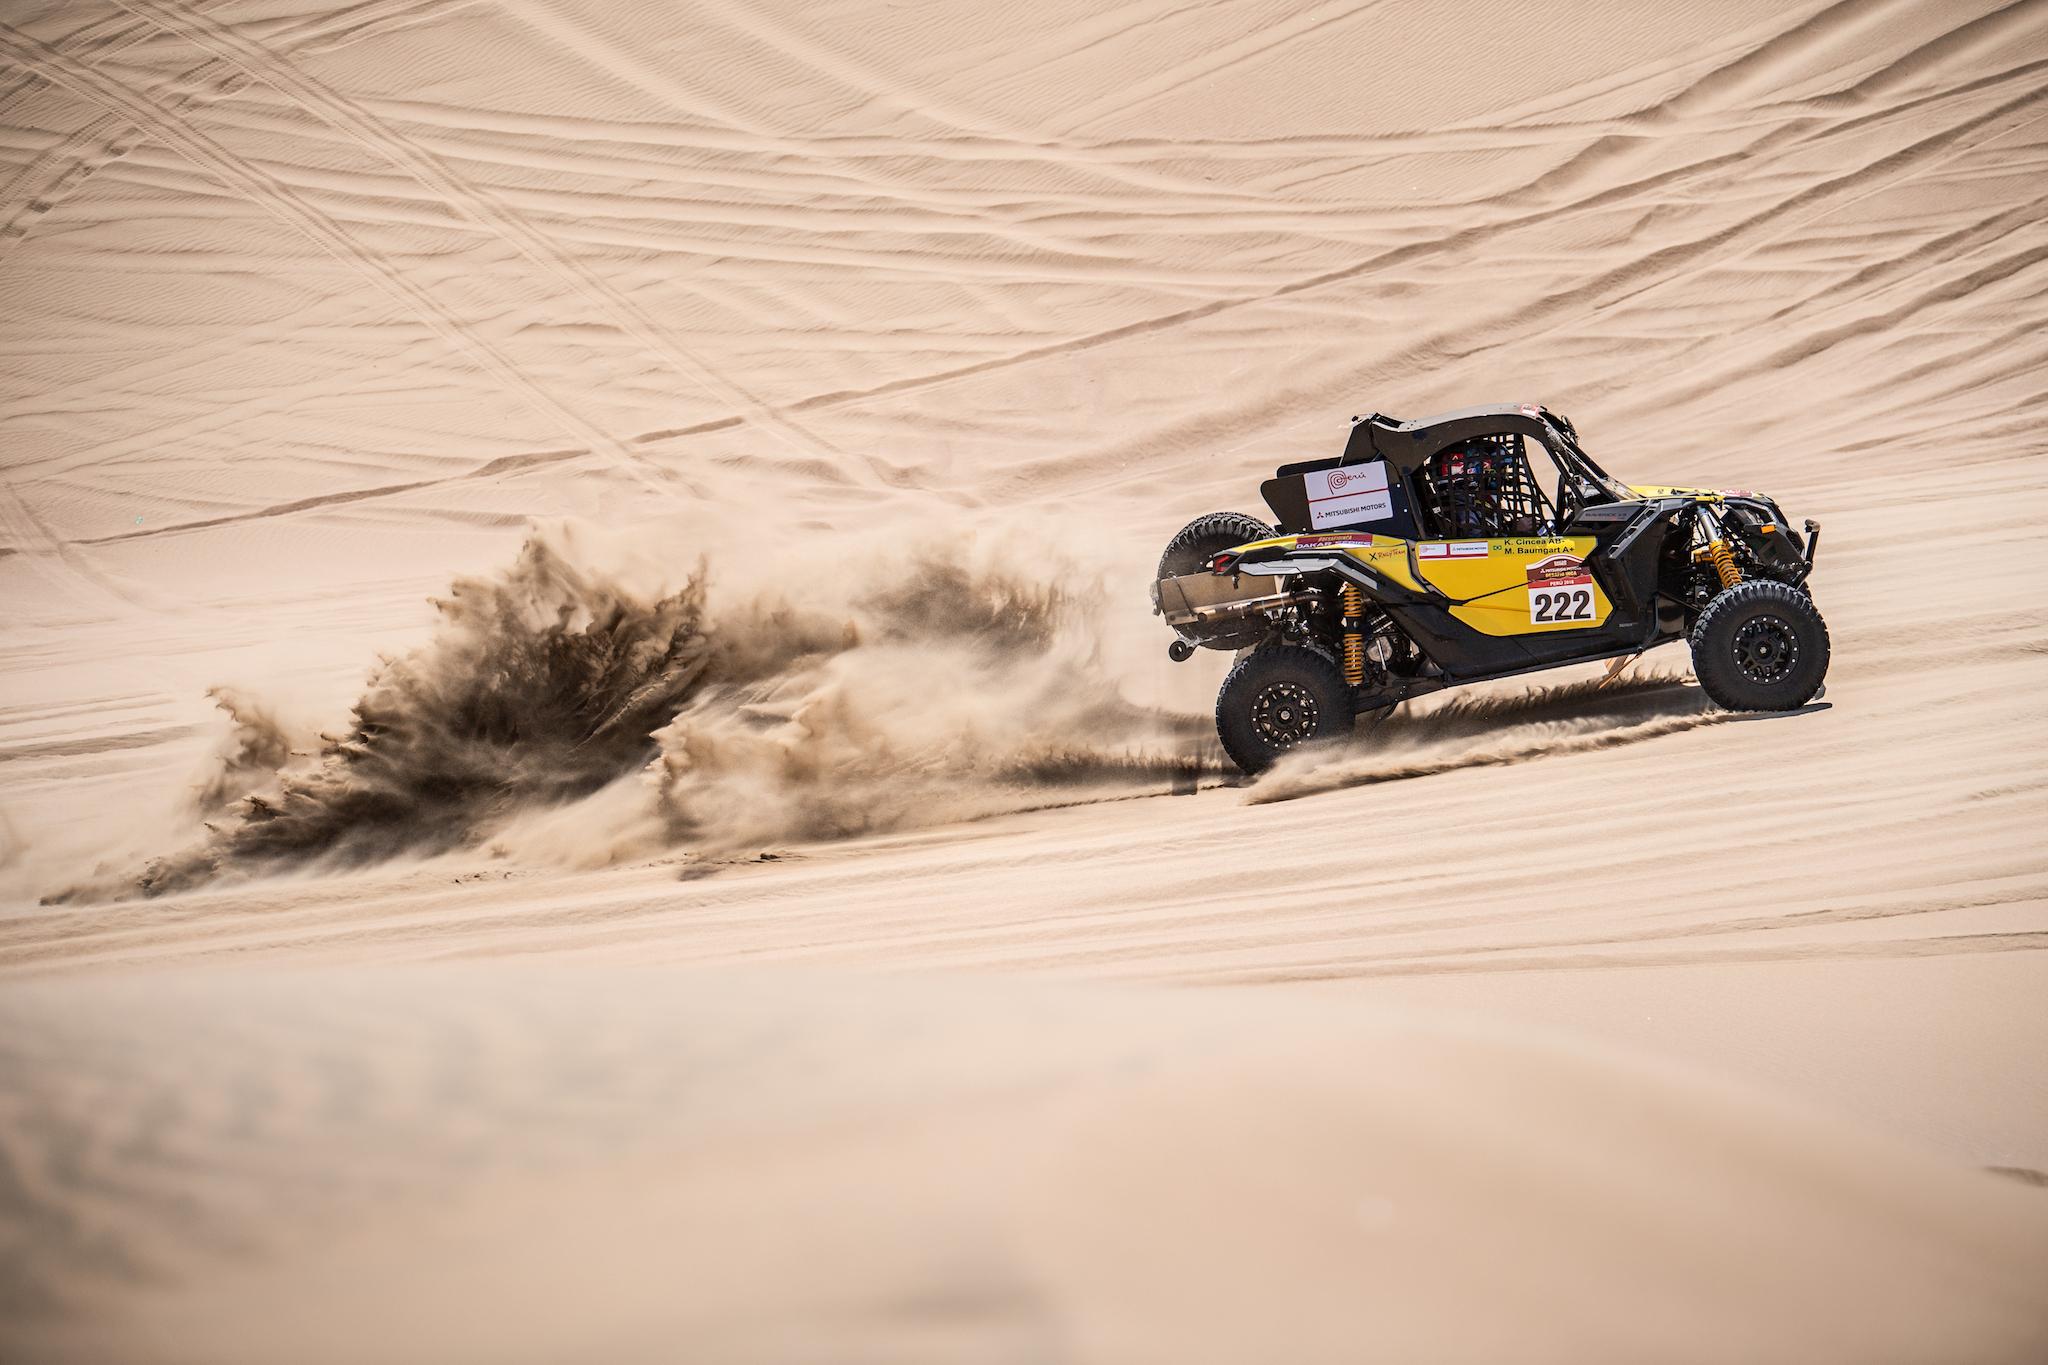 Dakar começa em três dias. Equipe 100% brasileira enfrentará desafio de 5,6 mil quilômetros